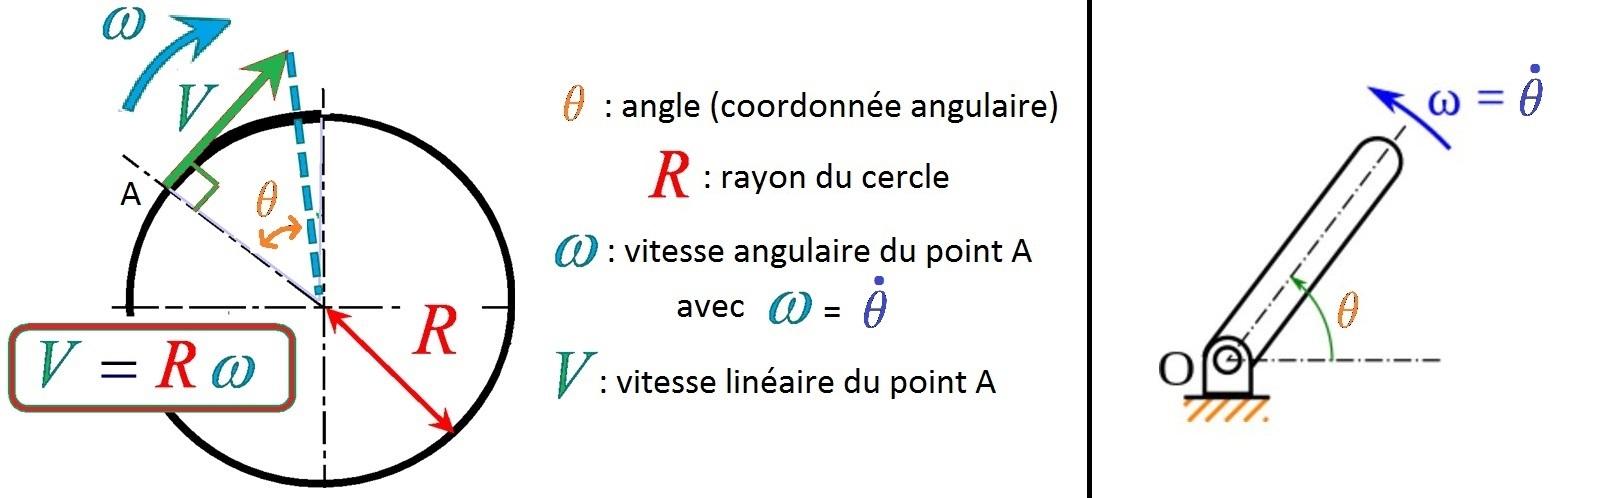 vitesse_angulaire_linéaire_angle_rayon_pulsation_mécanique_je_comprends